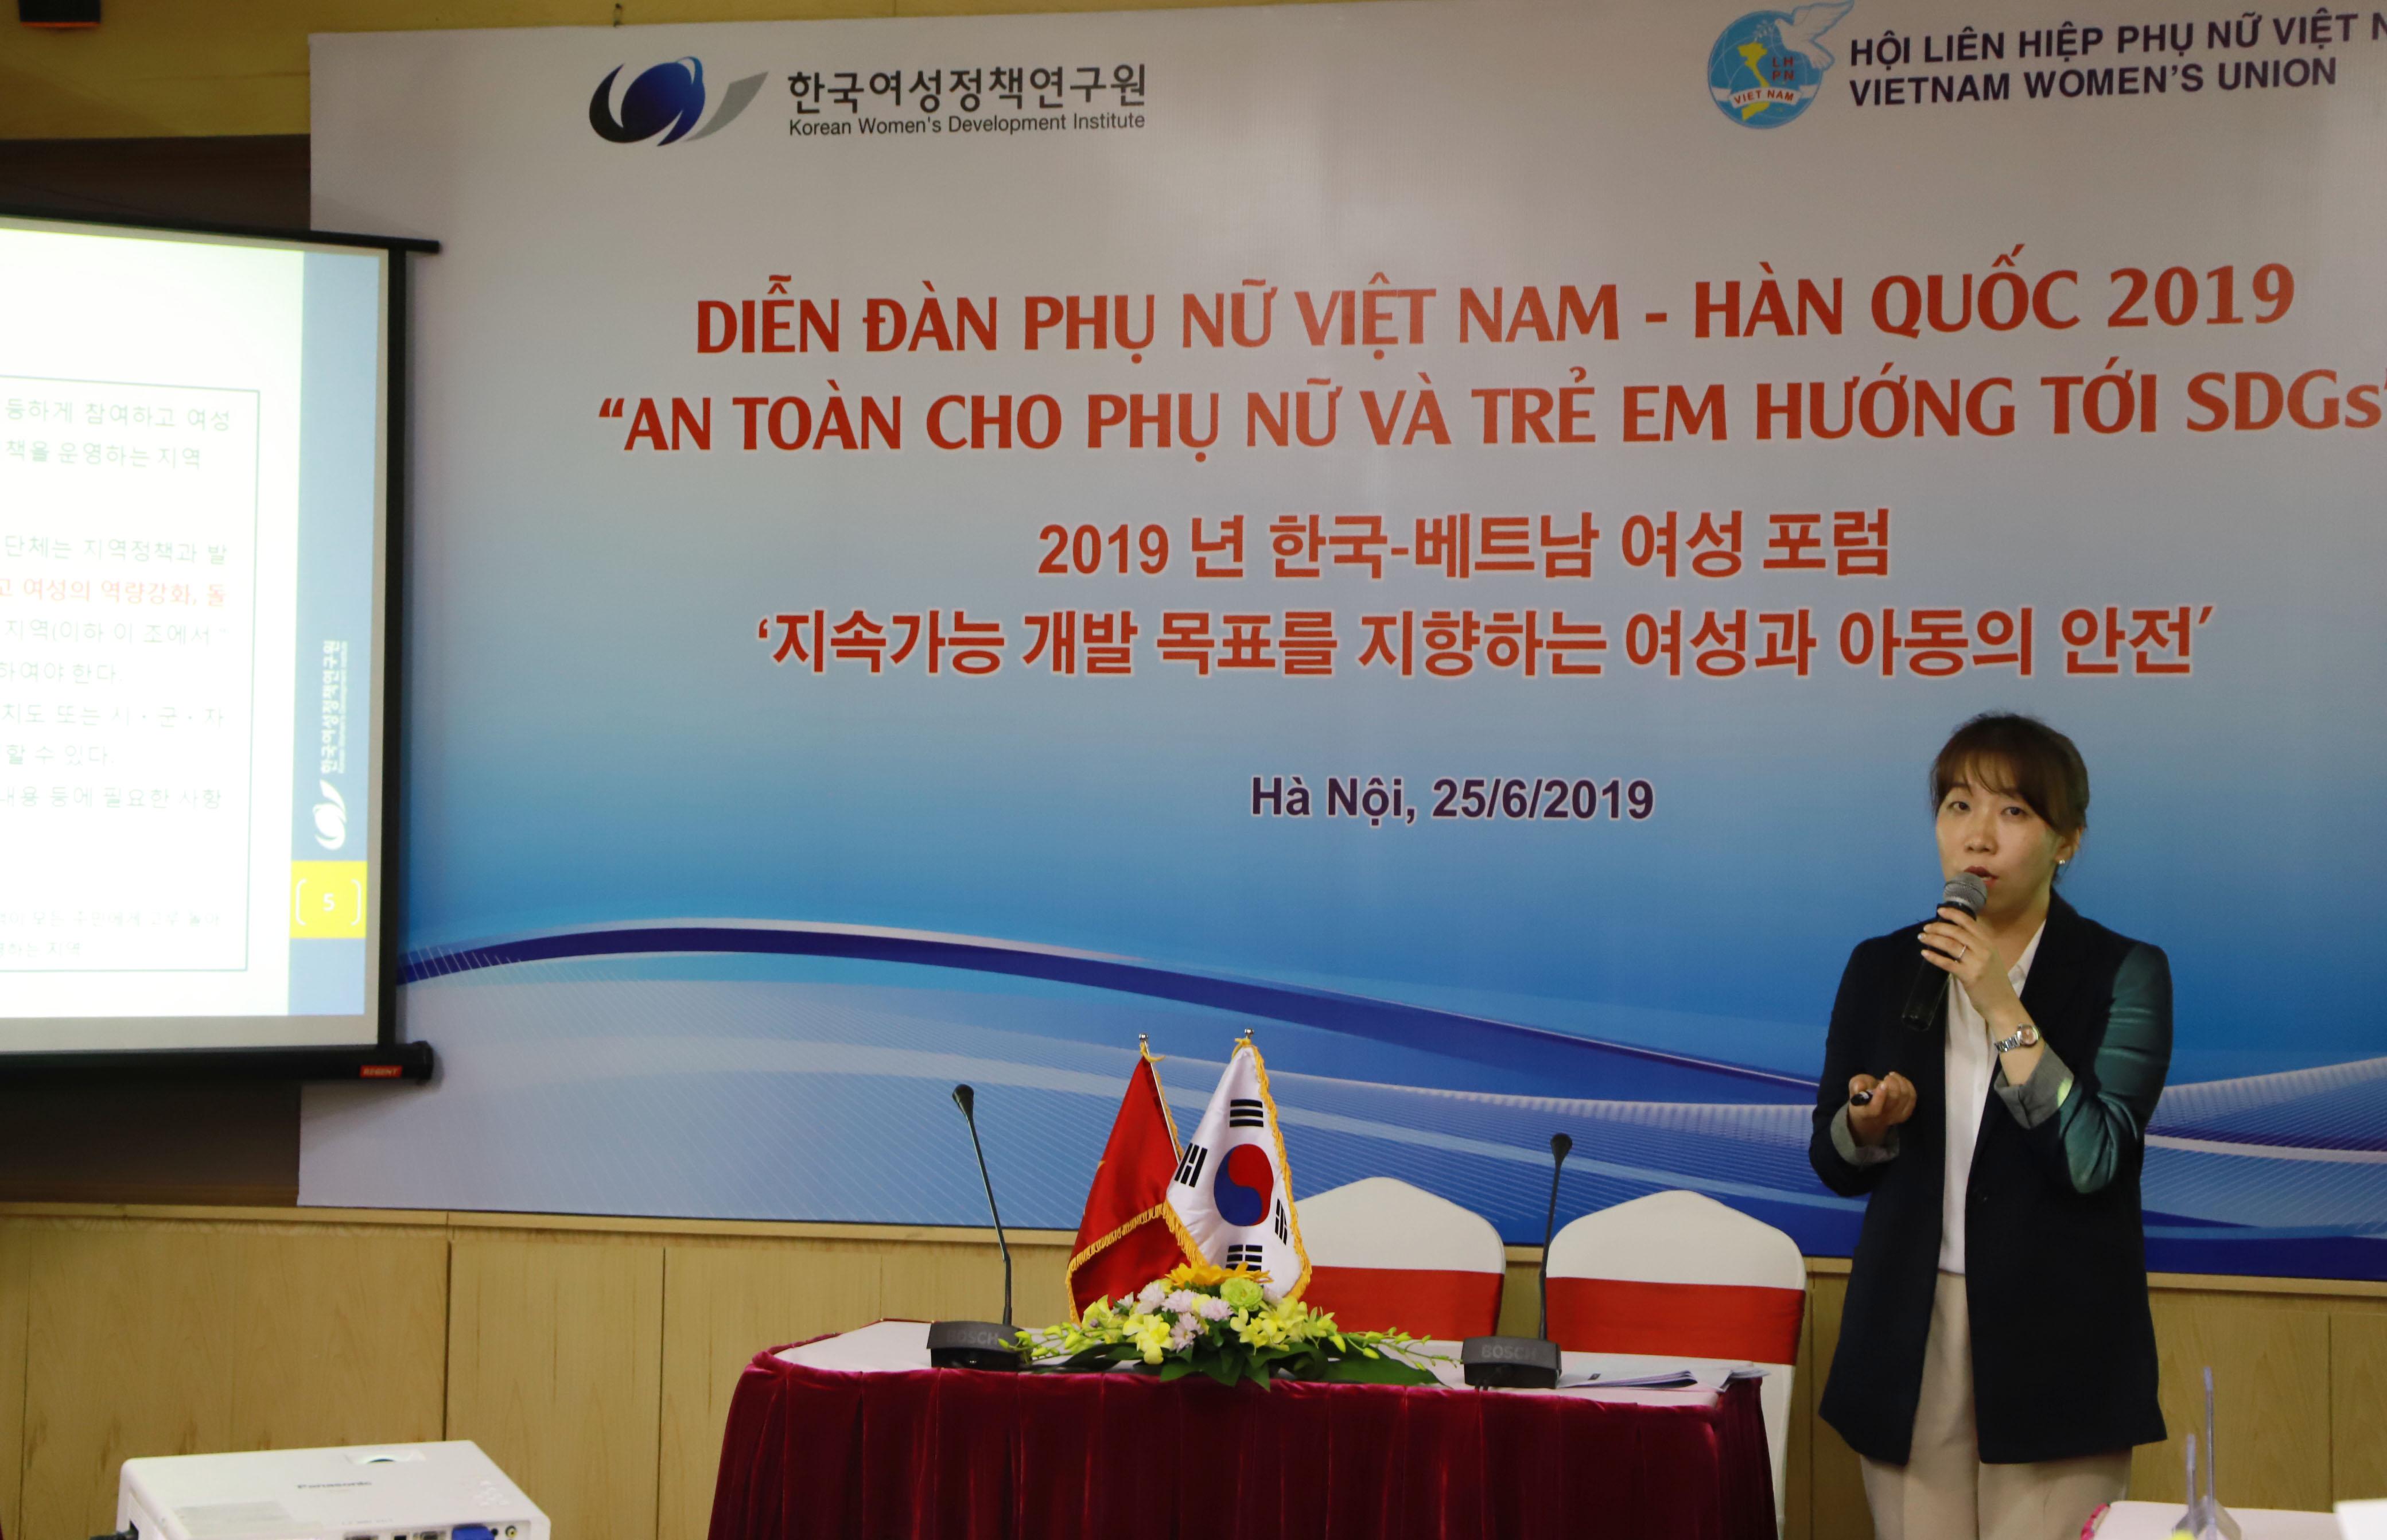 dong-sun-lee-dien-dan-phu-nu-viet-han-2.JPG